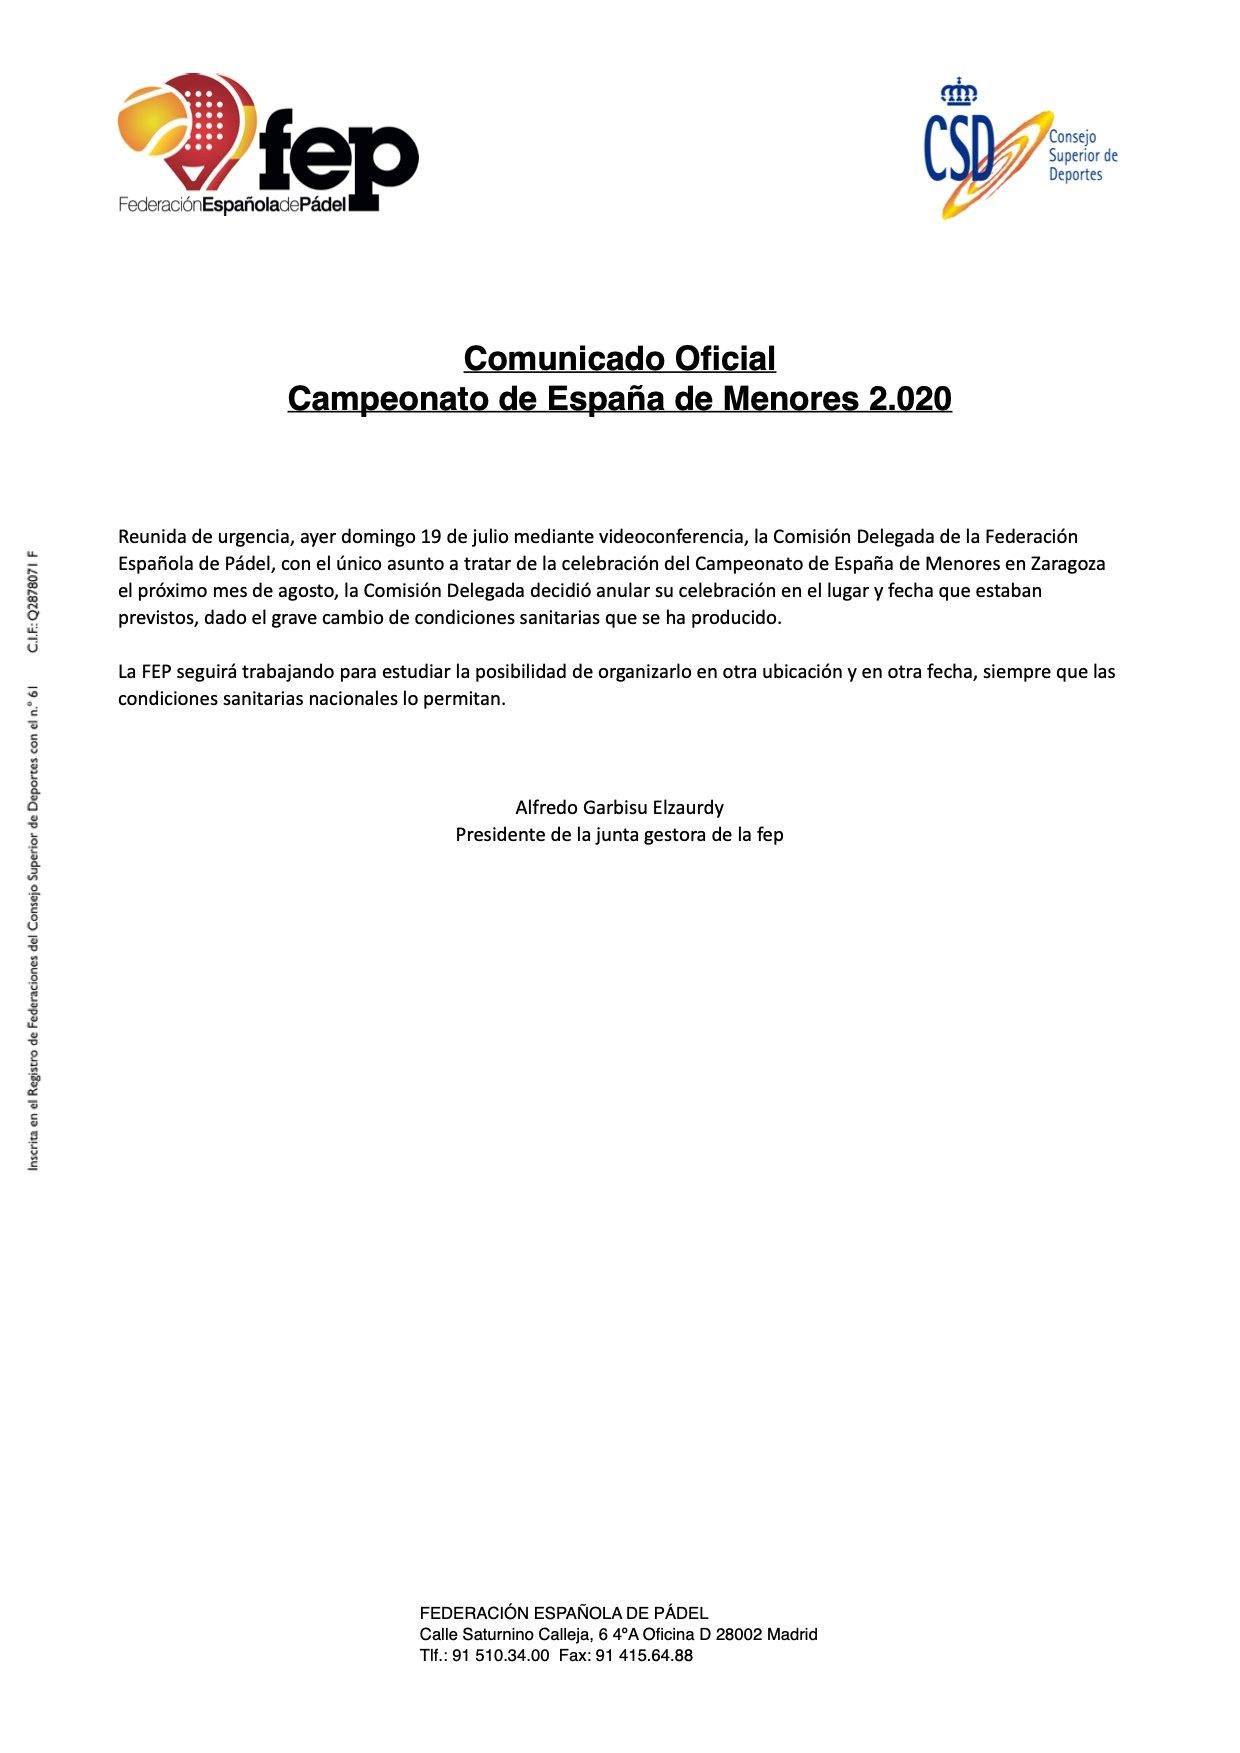 Comunicado FEP Cto España Menores 2020